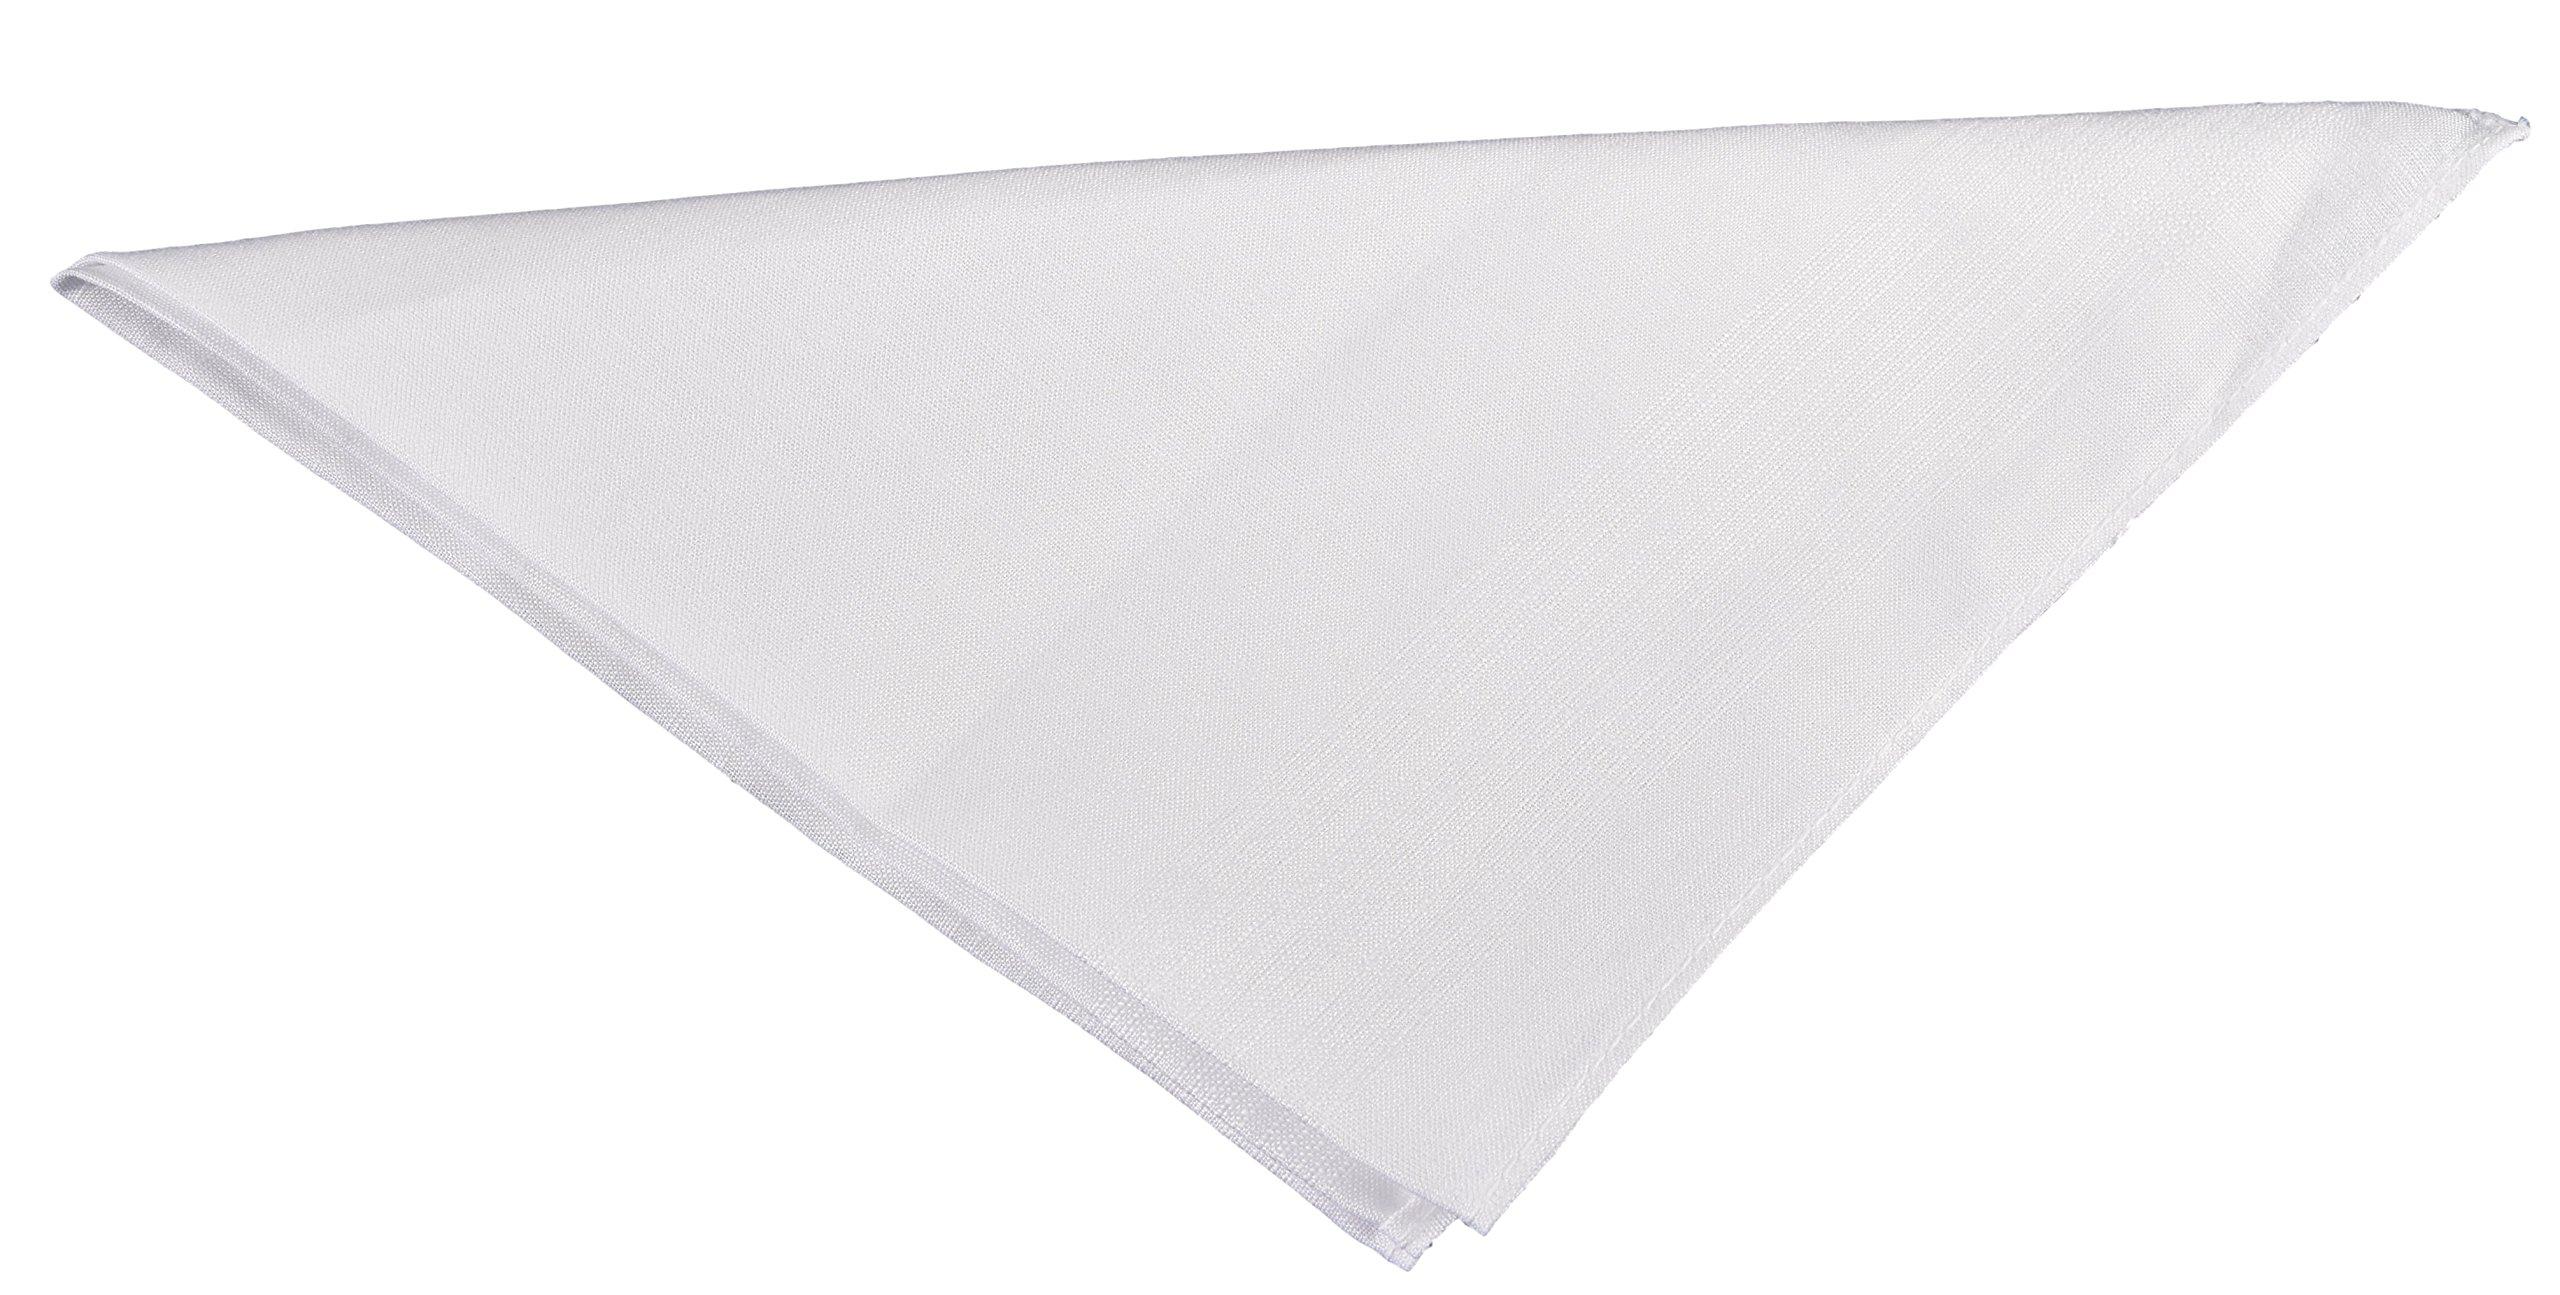 Thomas Ferguson - Gentlemen's Corded Irish Linen Handkerchief, White - Pack of 3 - BH176